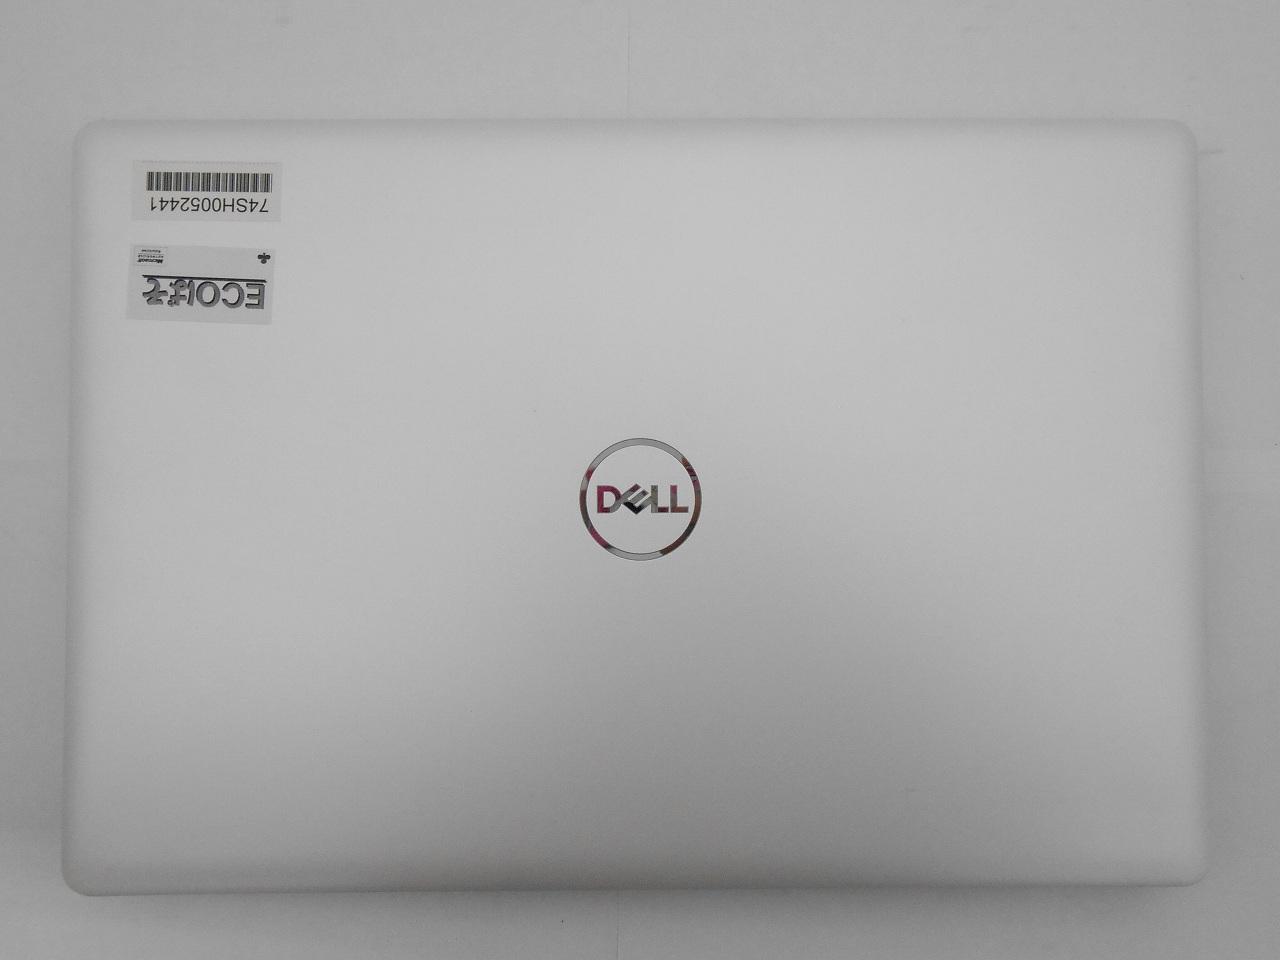 【中古】DELL Inspiron15 5570/2017年モデル/Corei3 8130U 2.2GHz/メモリ4GB/HDD1000GB/15インチ/Windows10Home【3ヶ月保証】【足立店発送】